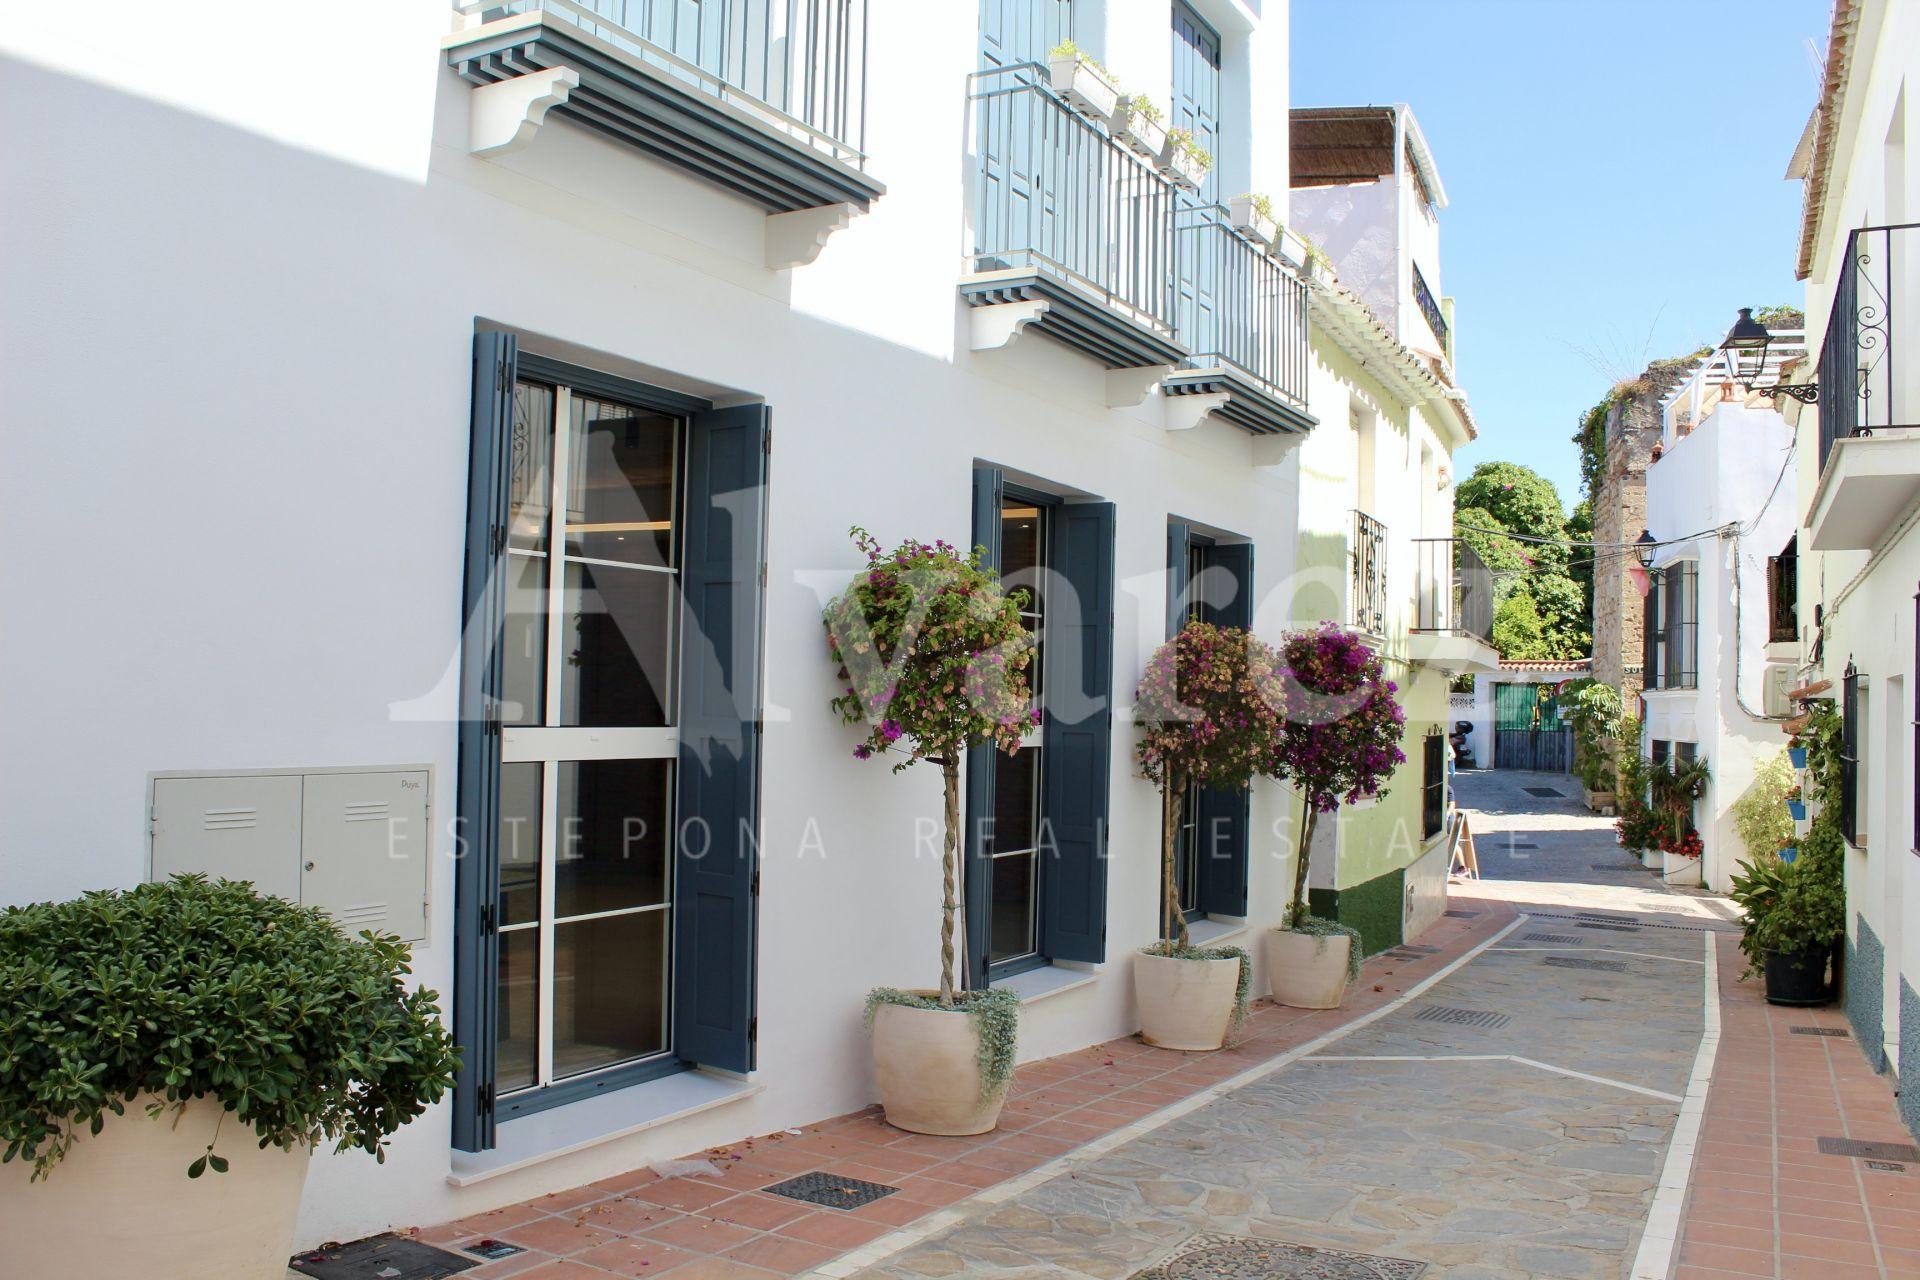 Promoción en Casco antiguo, Marbella